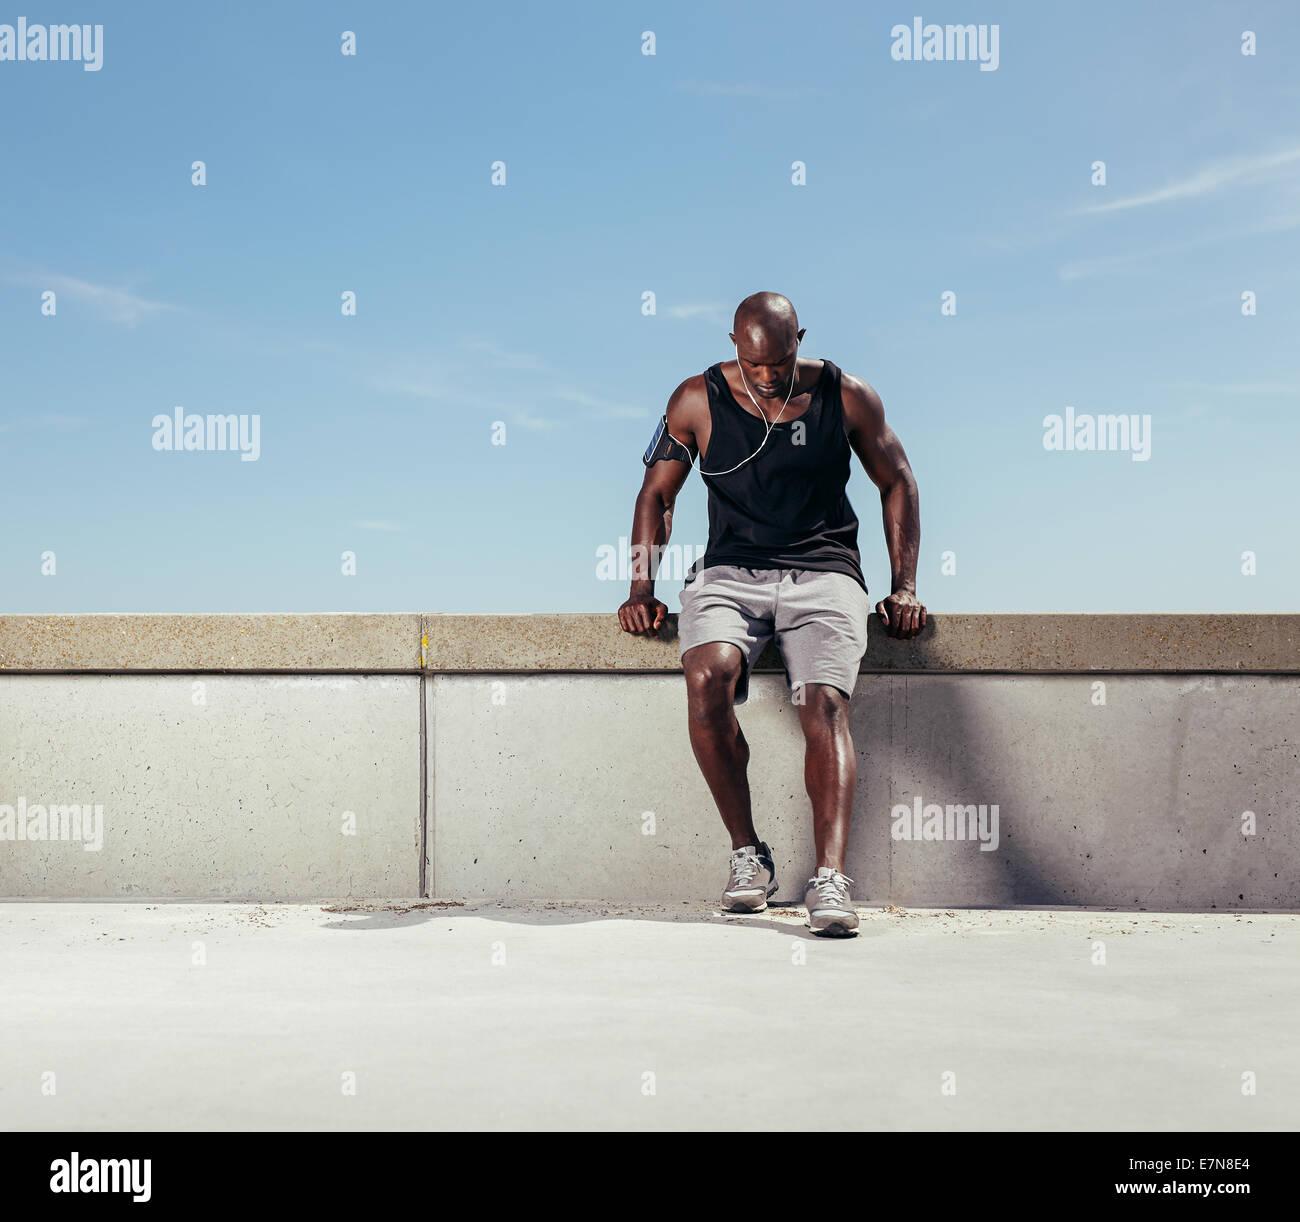 Joven muscular tomando aliento tras su corrida. Atleta Masculino africano al aire libre con espacio de copia. Deslizadera Imagen De Stock